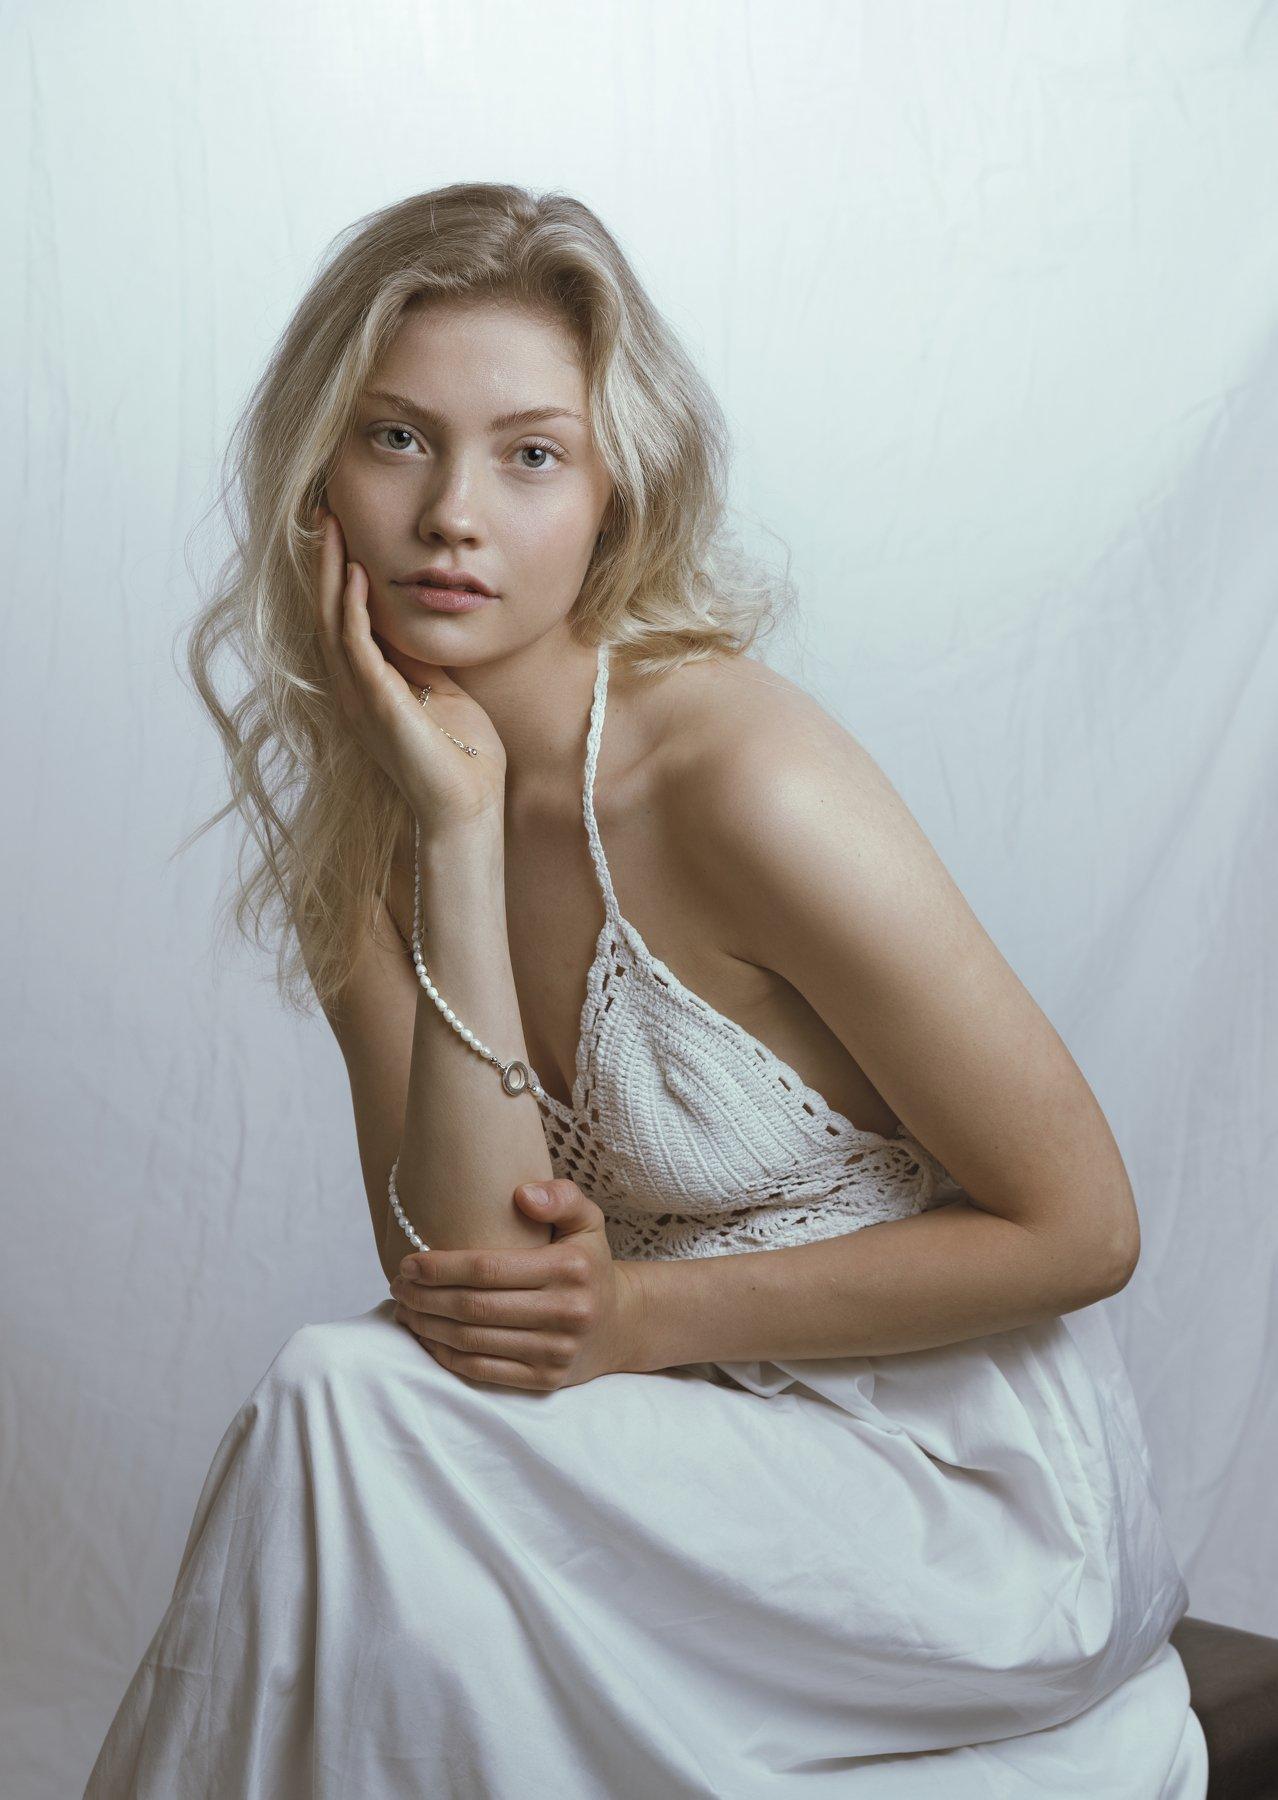 fine art , постановочная фотография ,жанровый портрет, губы , portrait , взрослая женщина, Kholodova Natalia